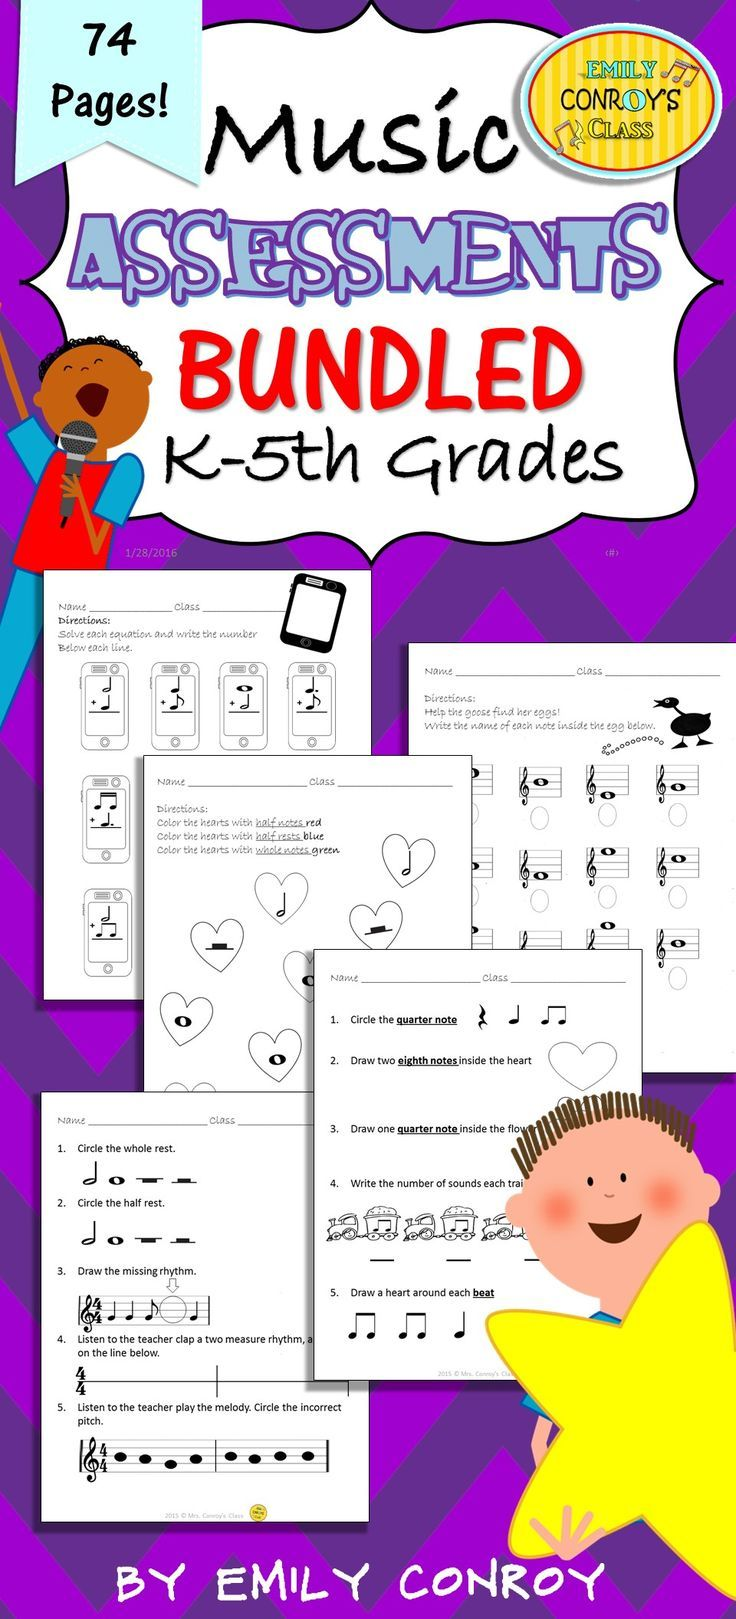 Elementary Music Assessments 74 Music Worksheets For Grades K 5